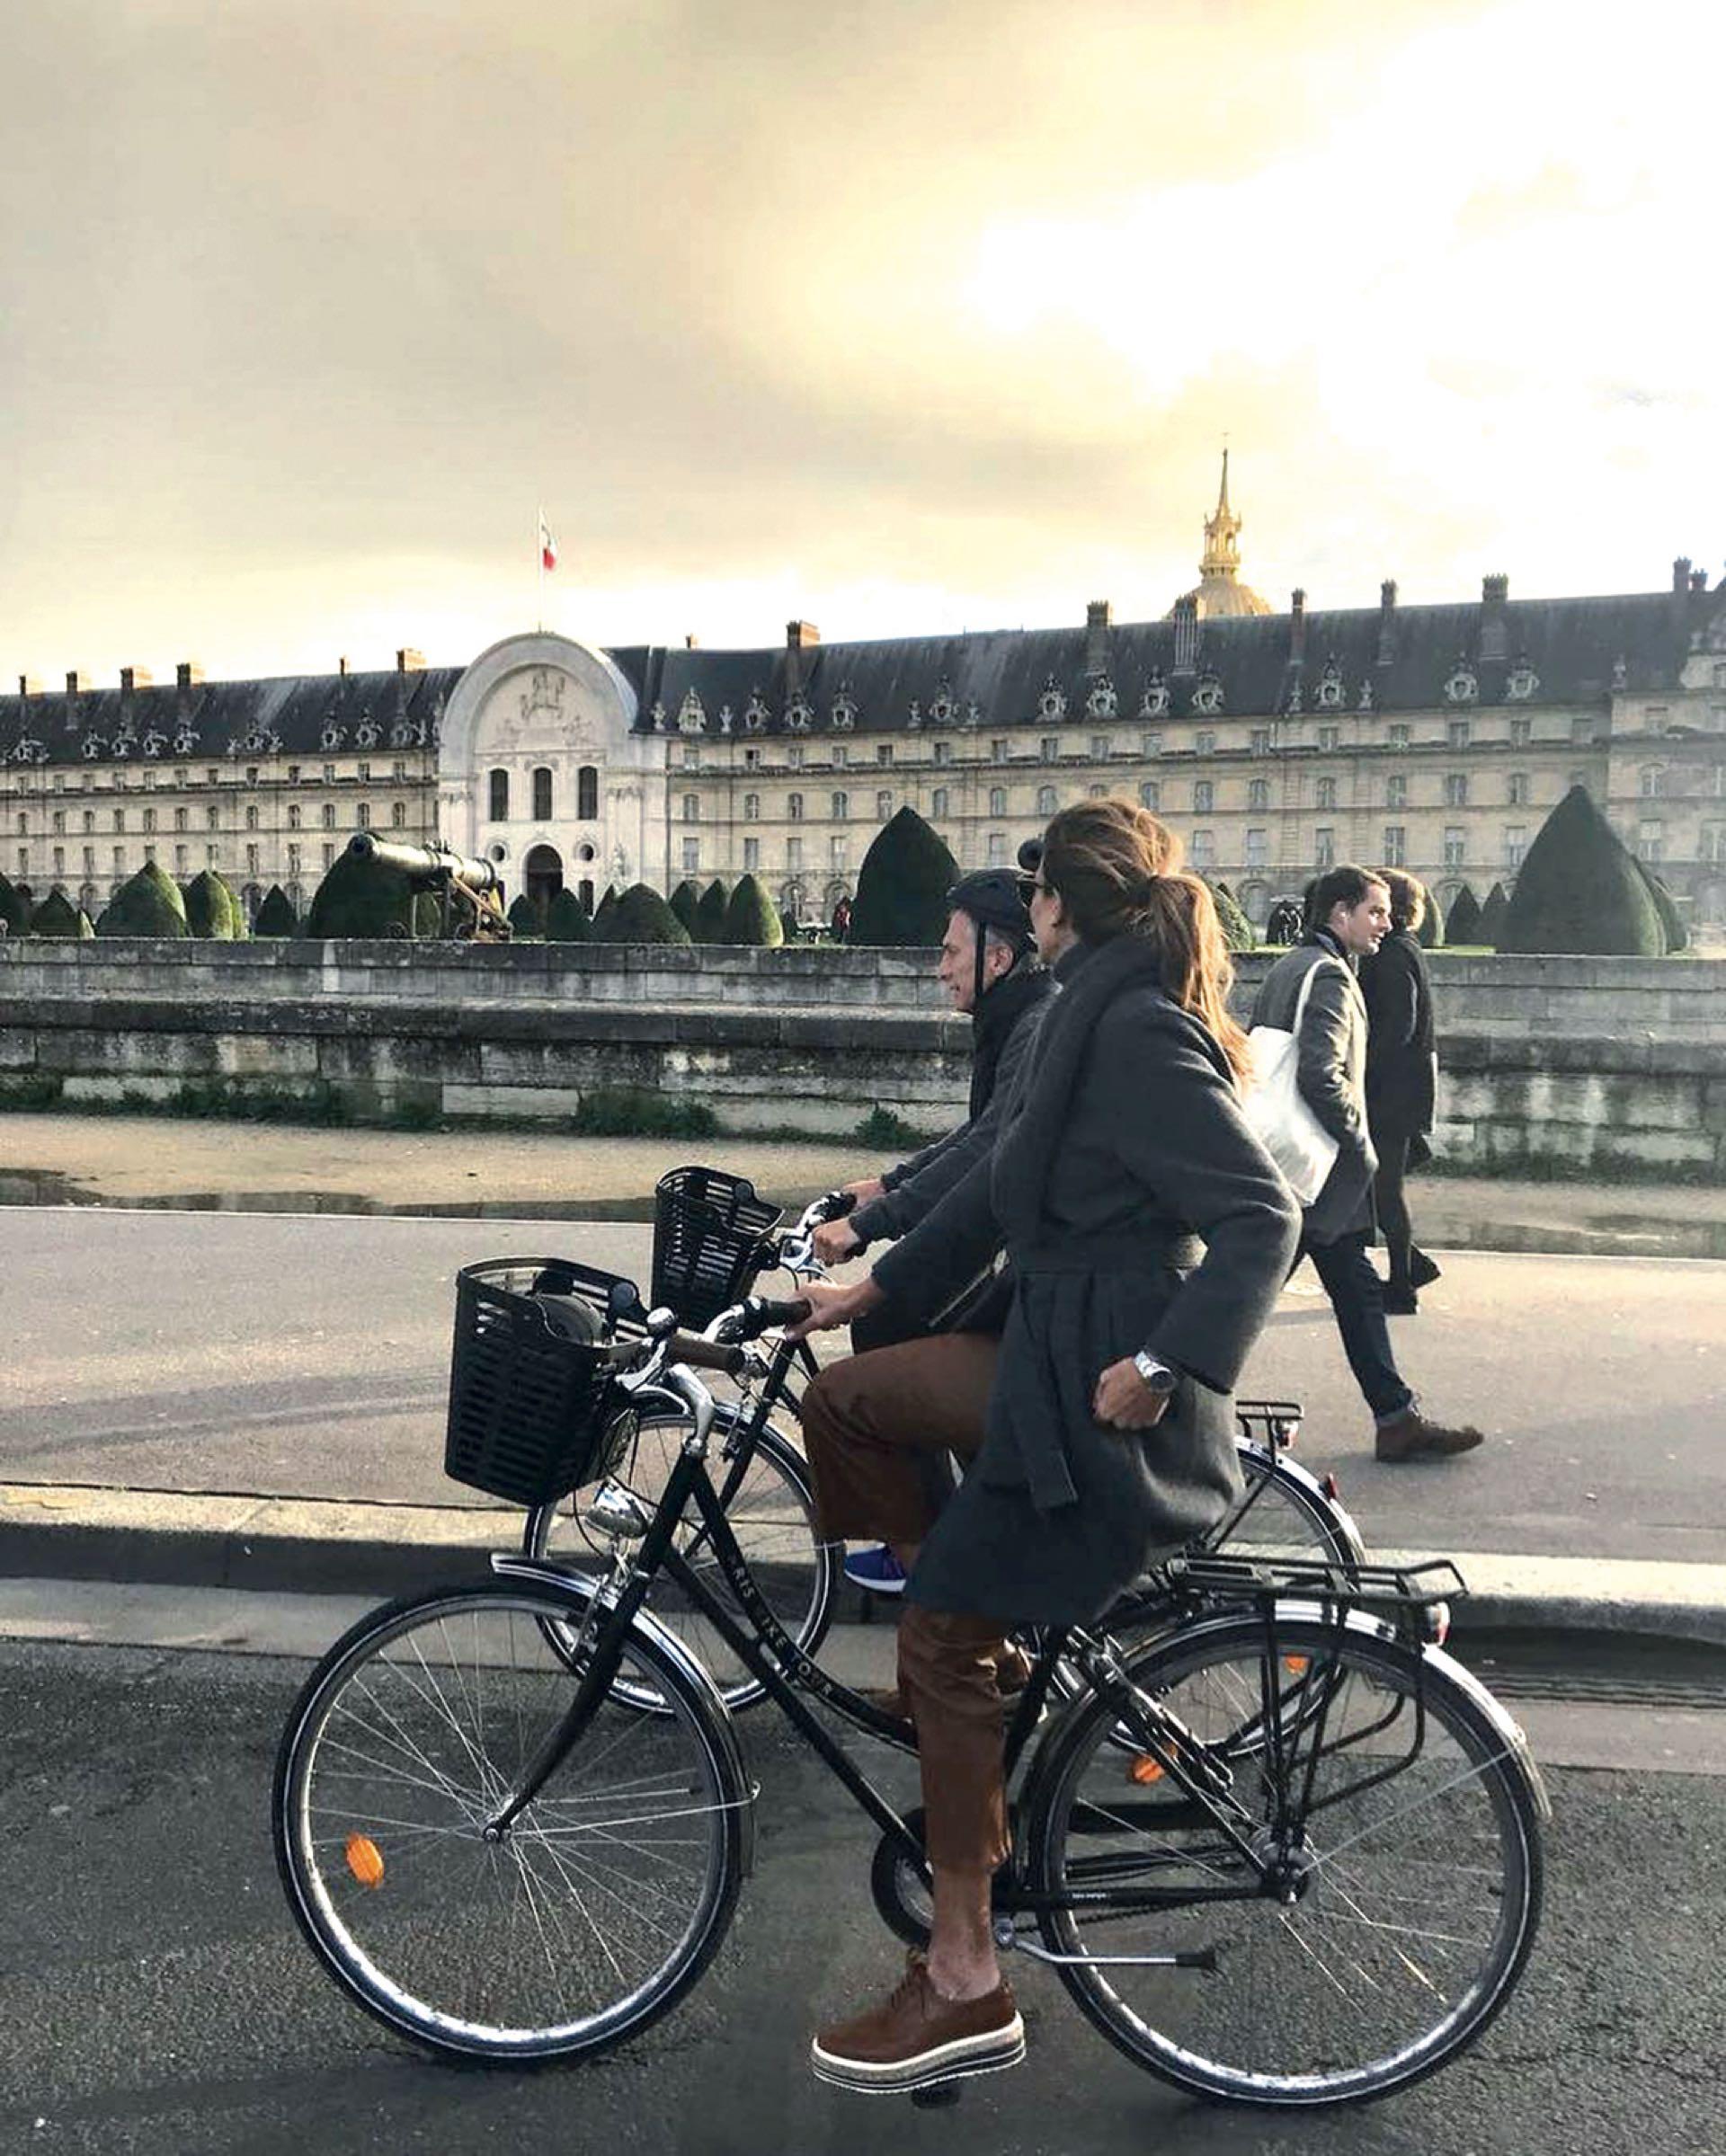 Canchera, fuera de agenda y de paseo en bici.